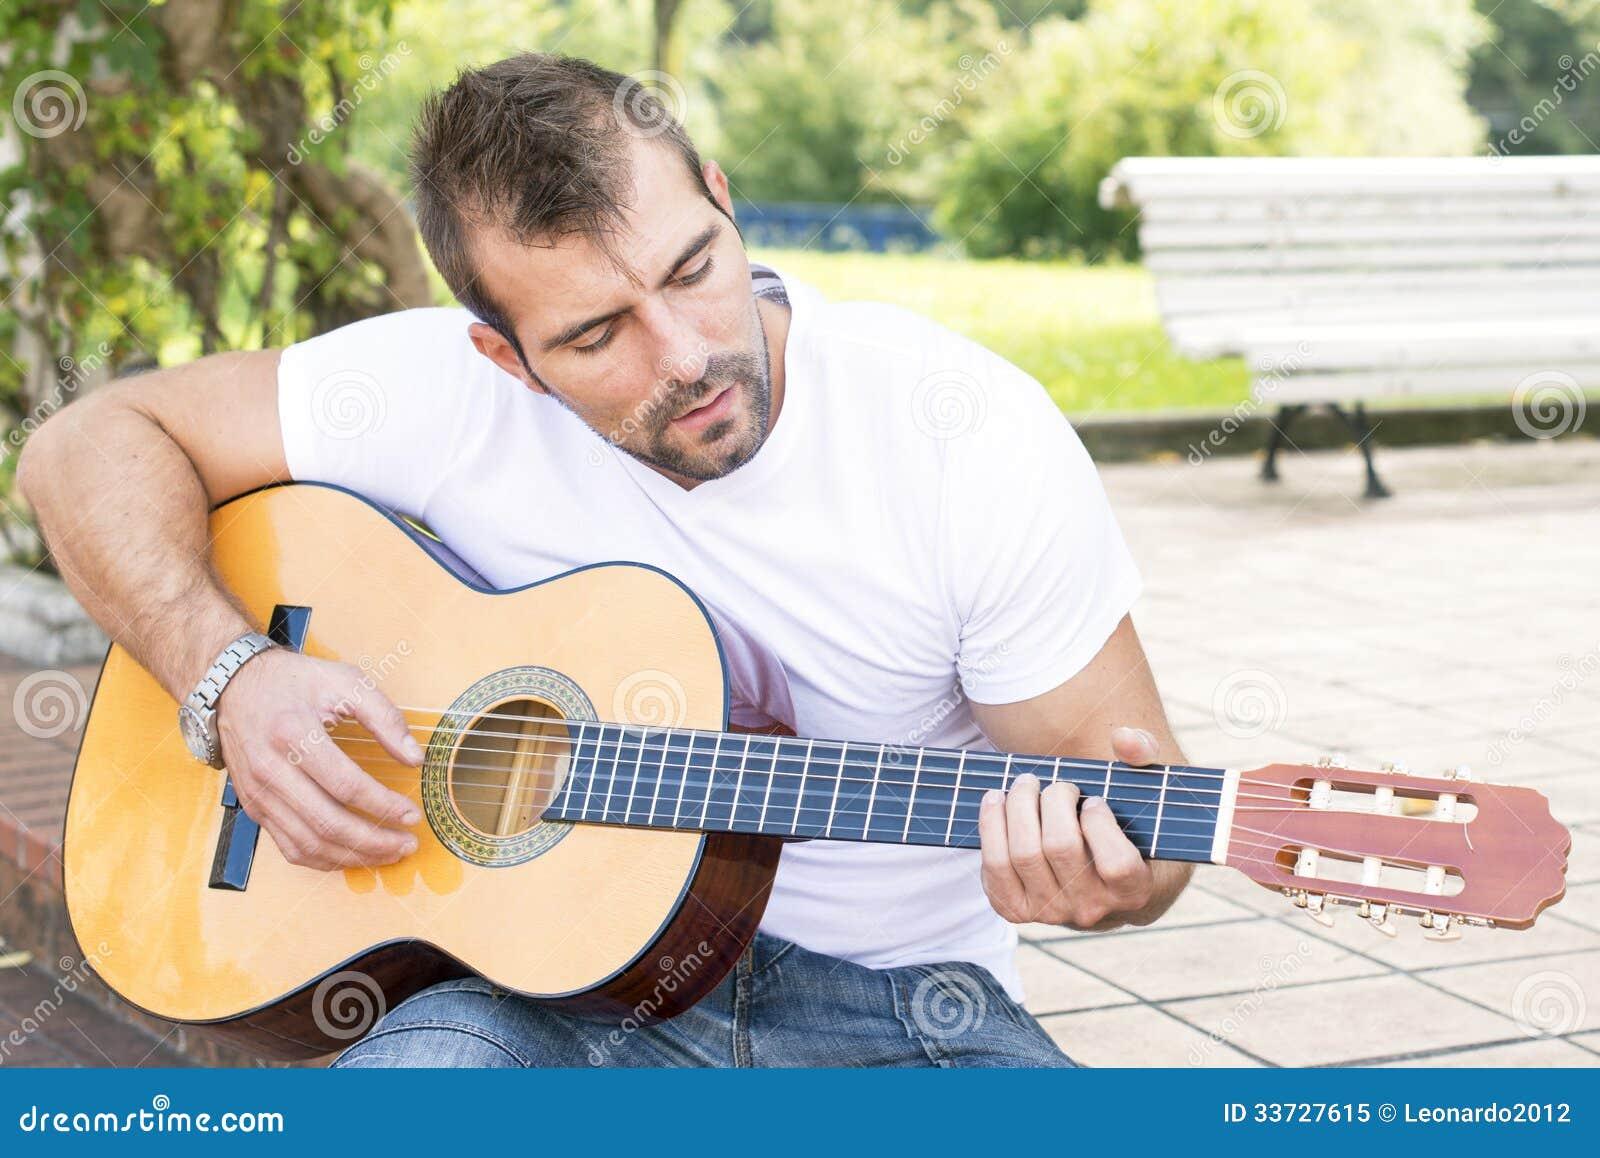 Музыкант с классической гитарой.